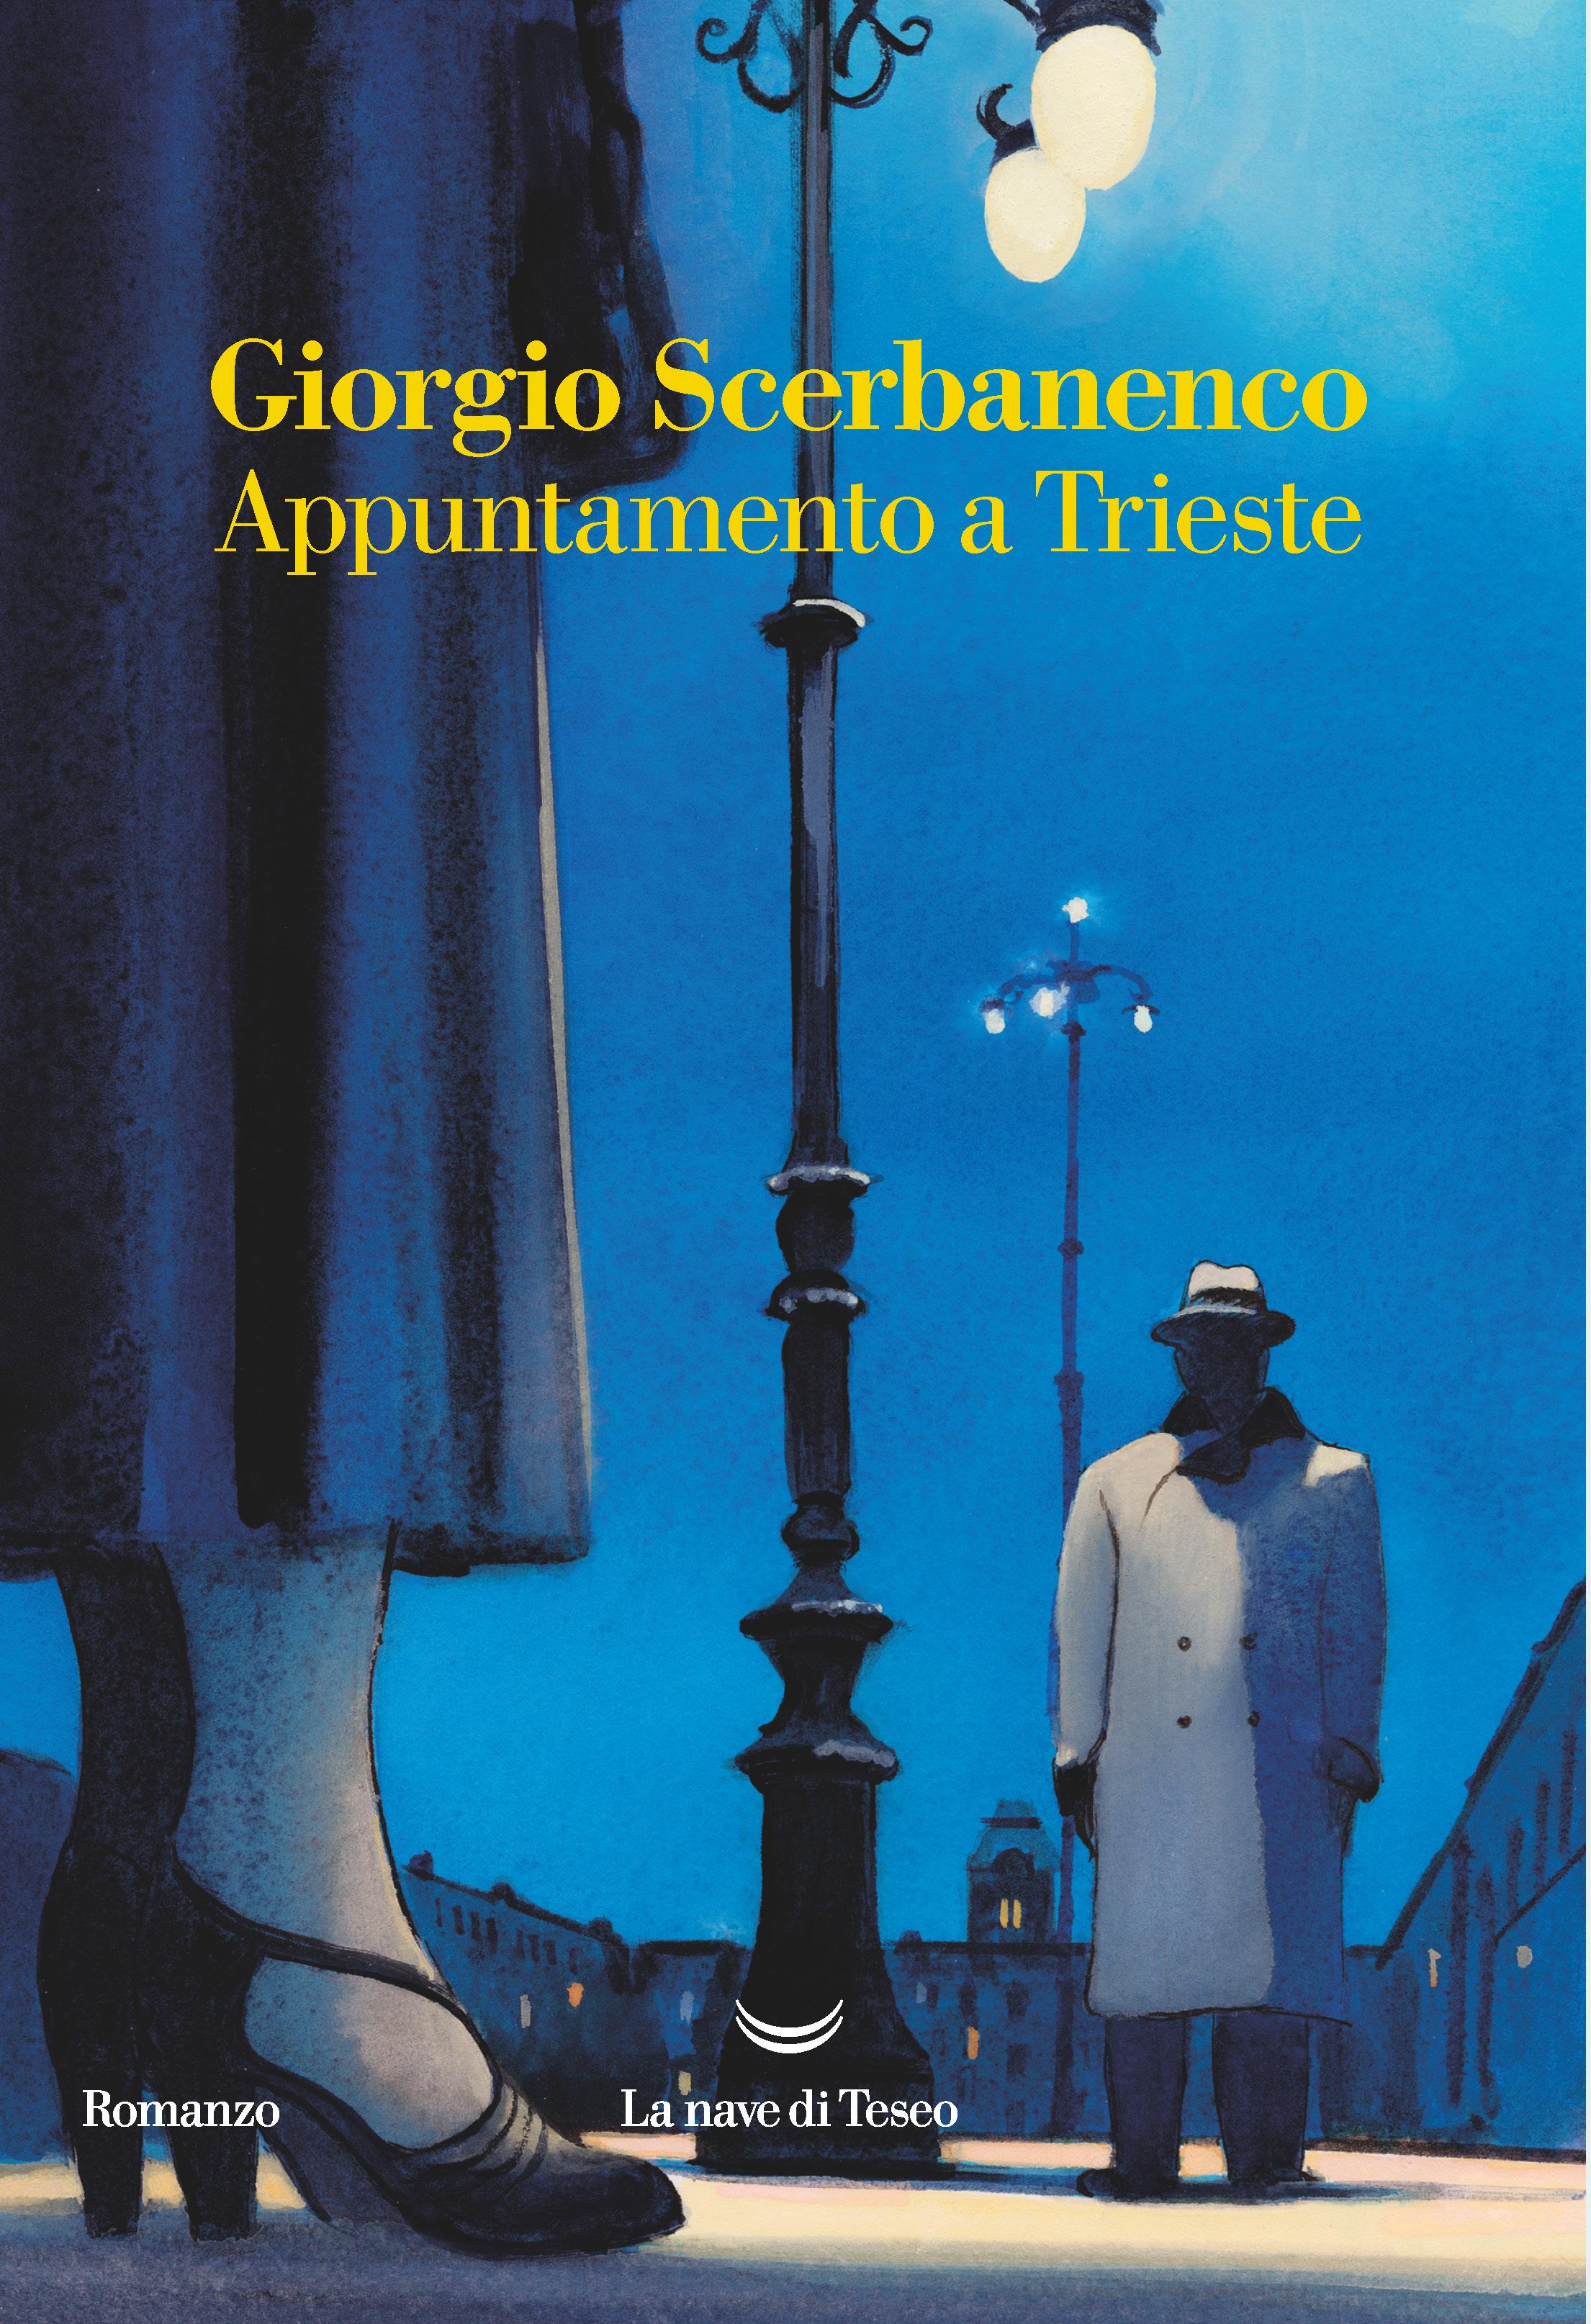 Appuntamento a Trieste